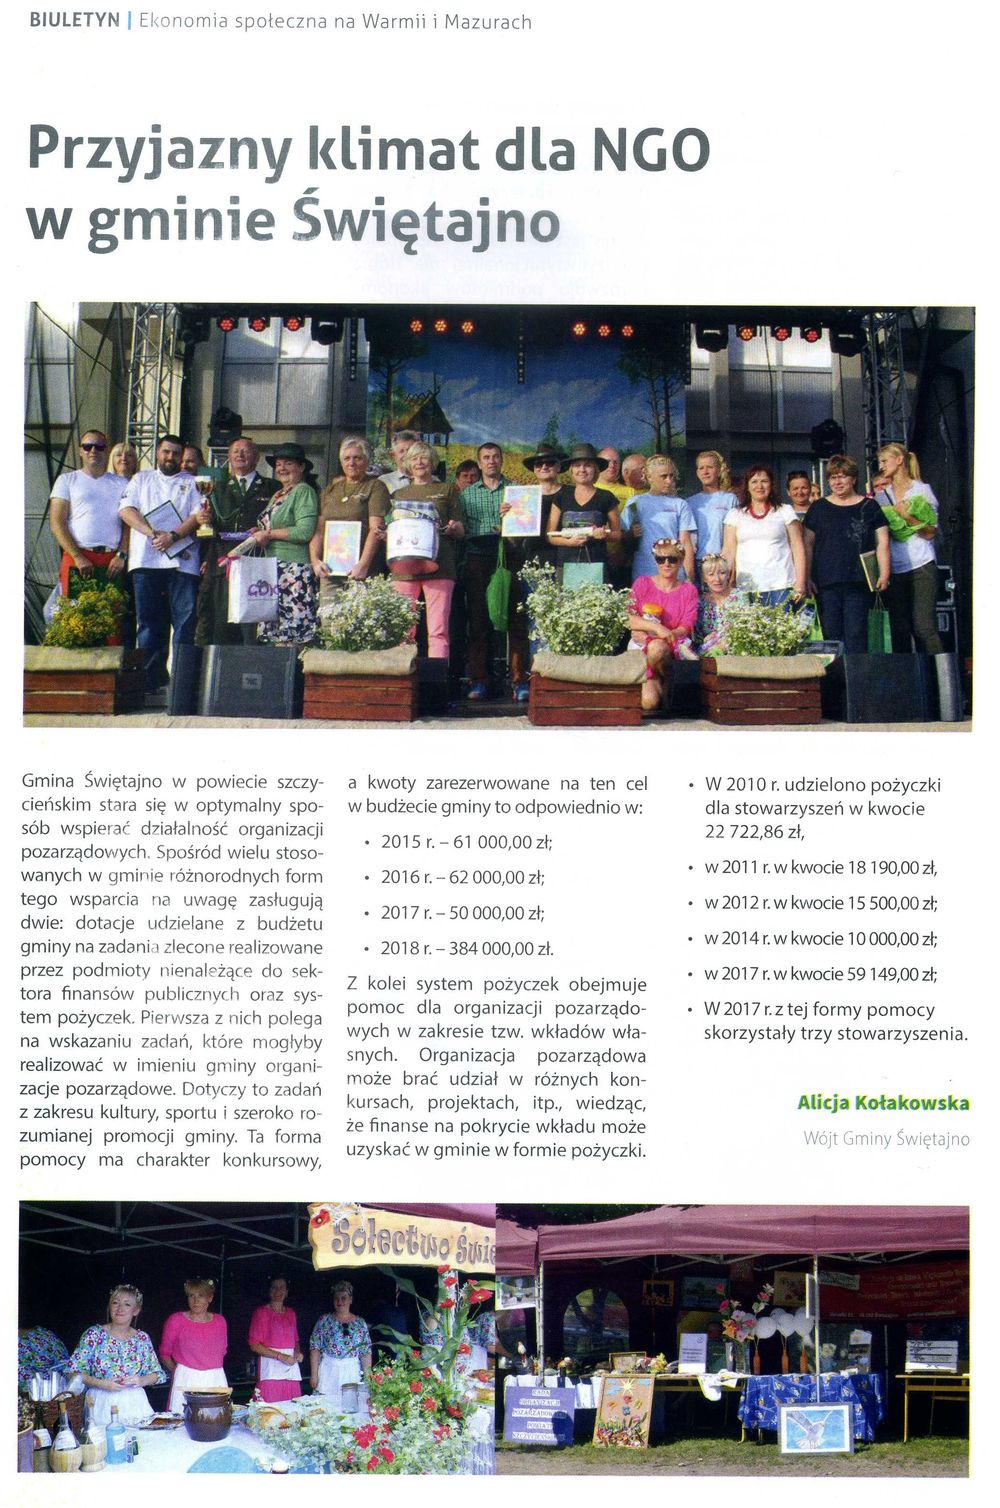 Ilustracja do informacji: Przyjazny klimat dla NGO w gminie Świętajno